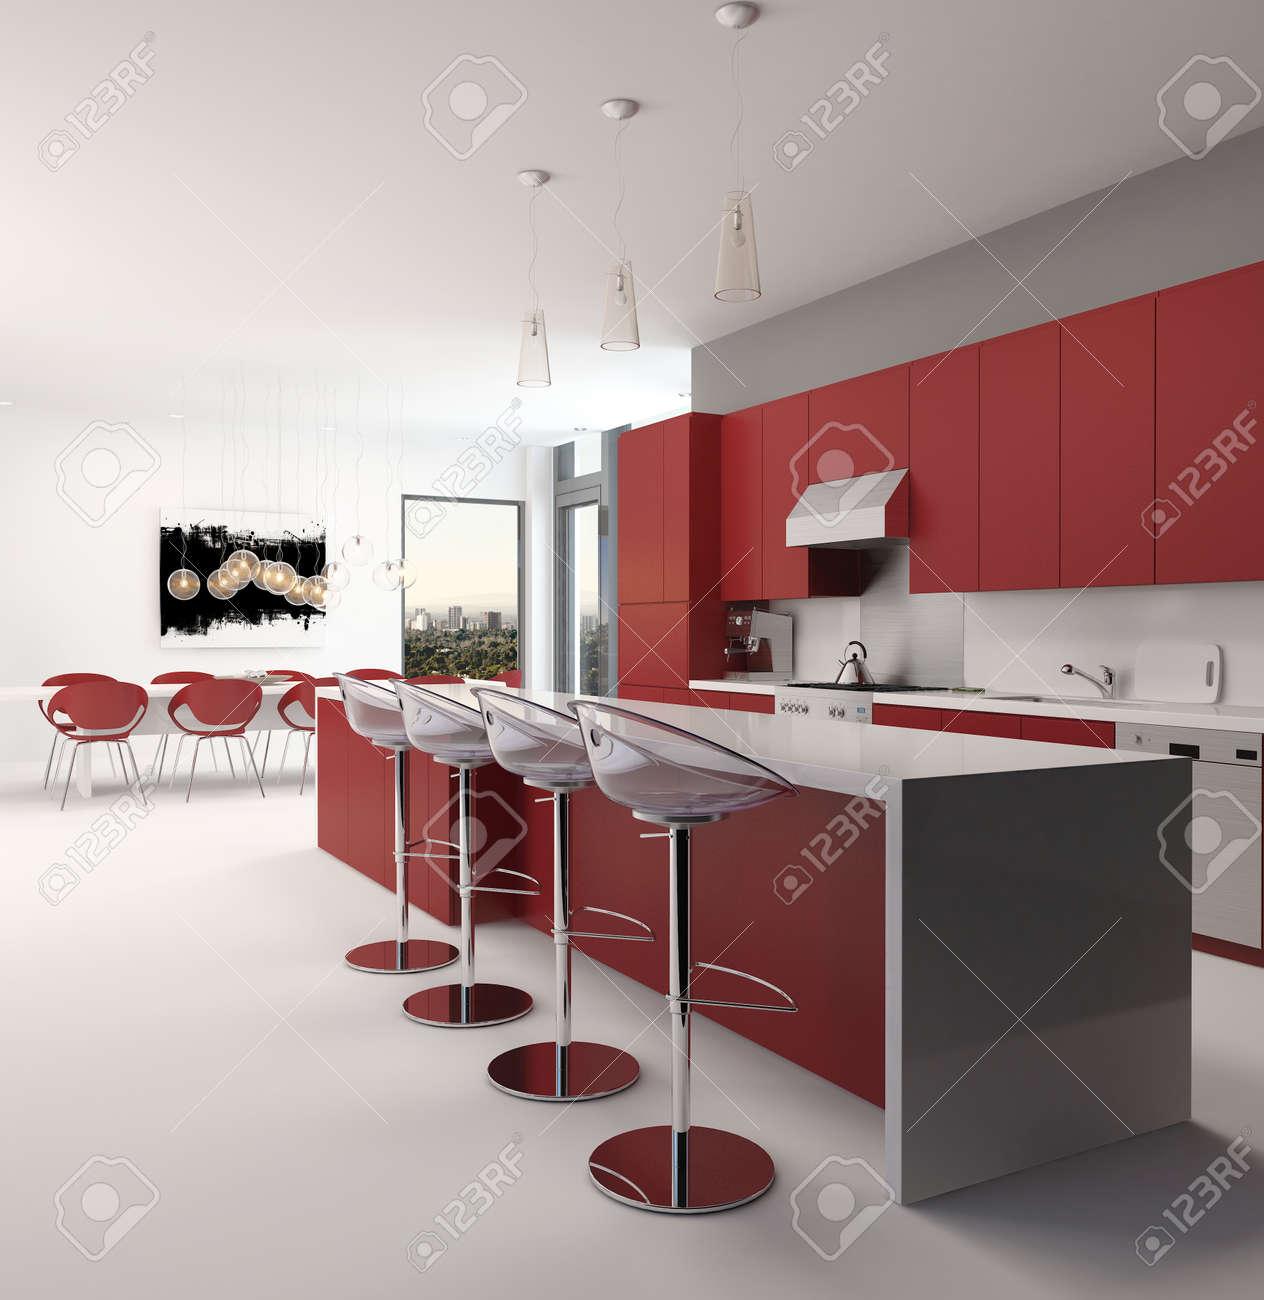 Ouverte Rouge Intérieur De Cuisine Moderne Avec Un Long Comptoir ...